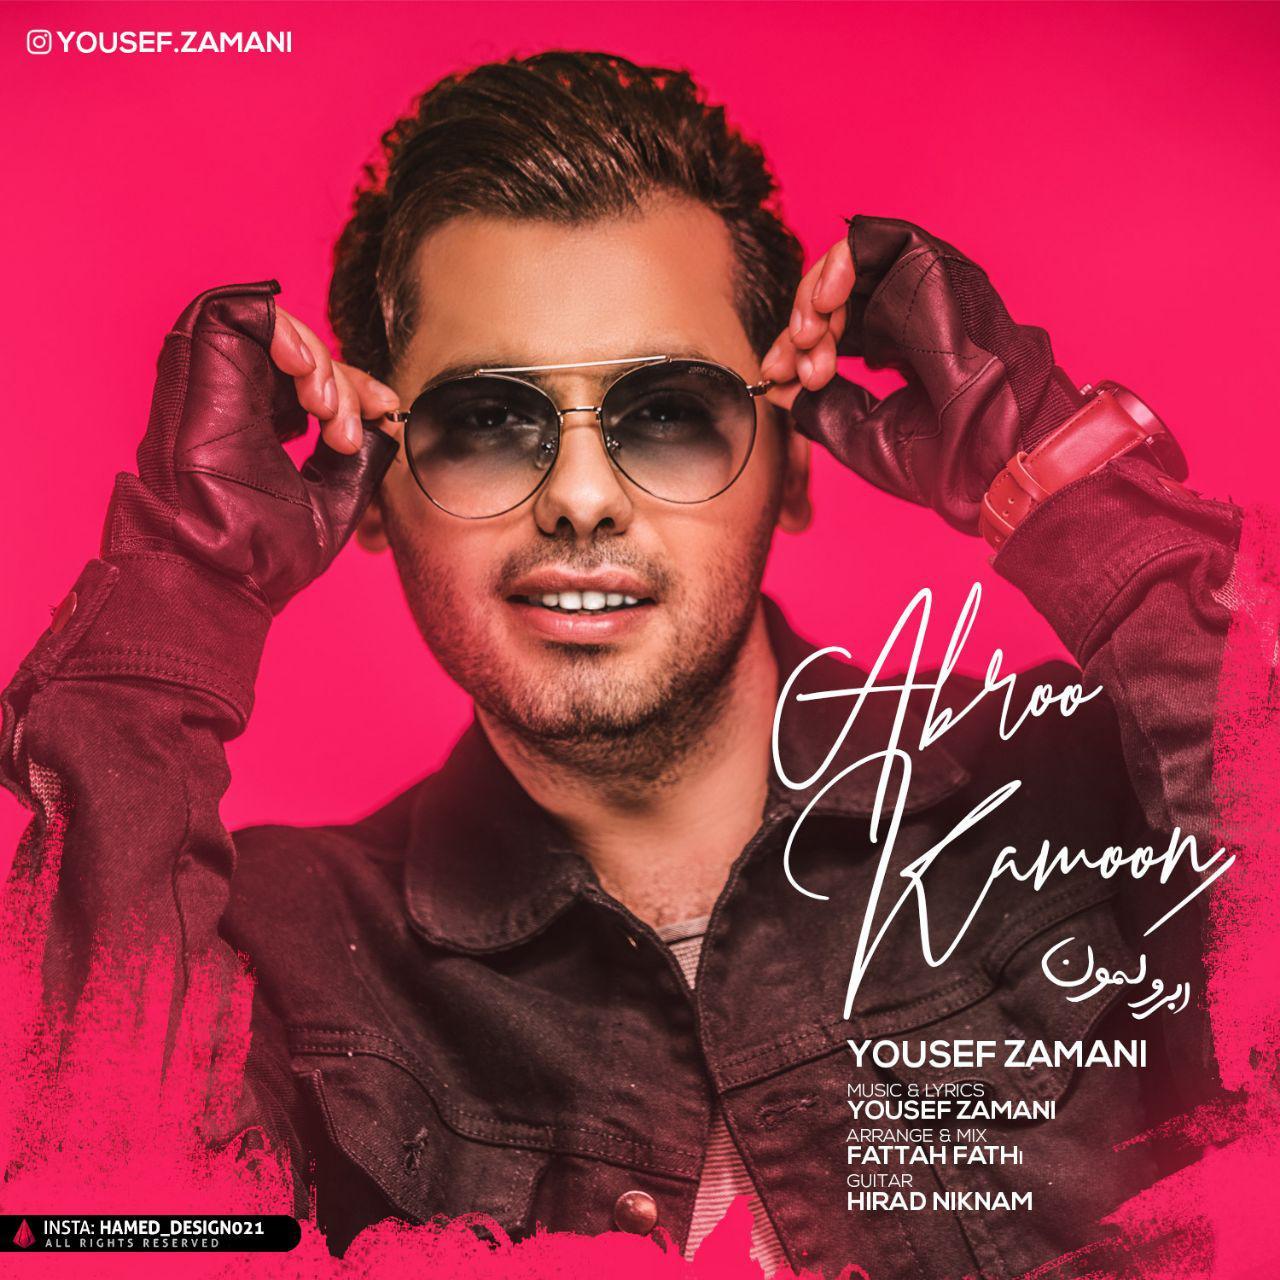 Yousef Zamani - Abroo kamoon